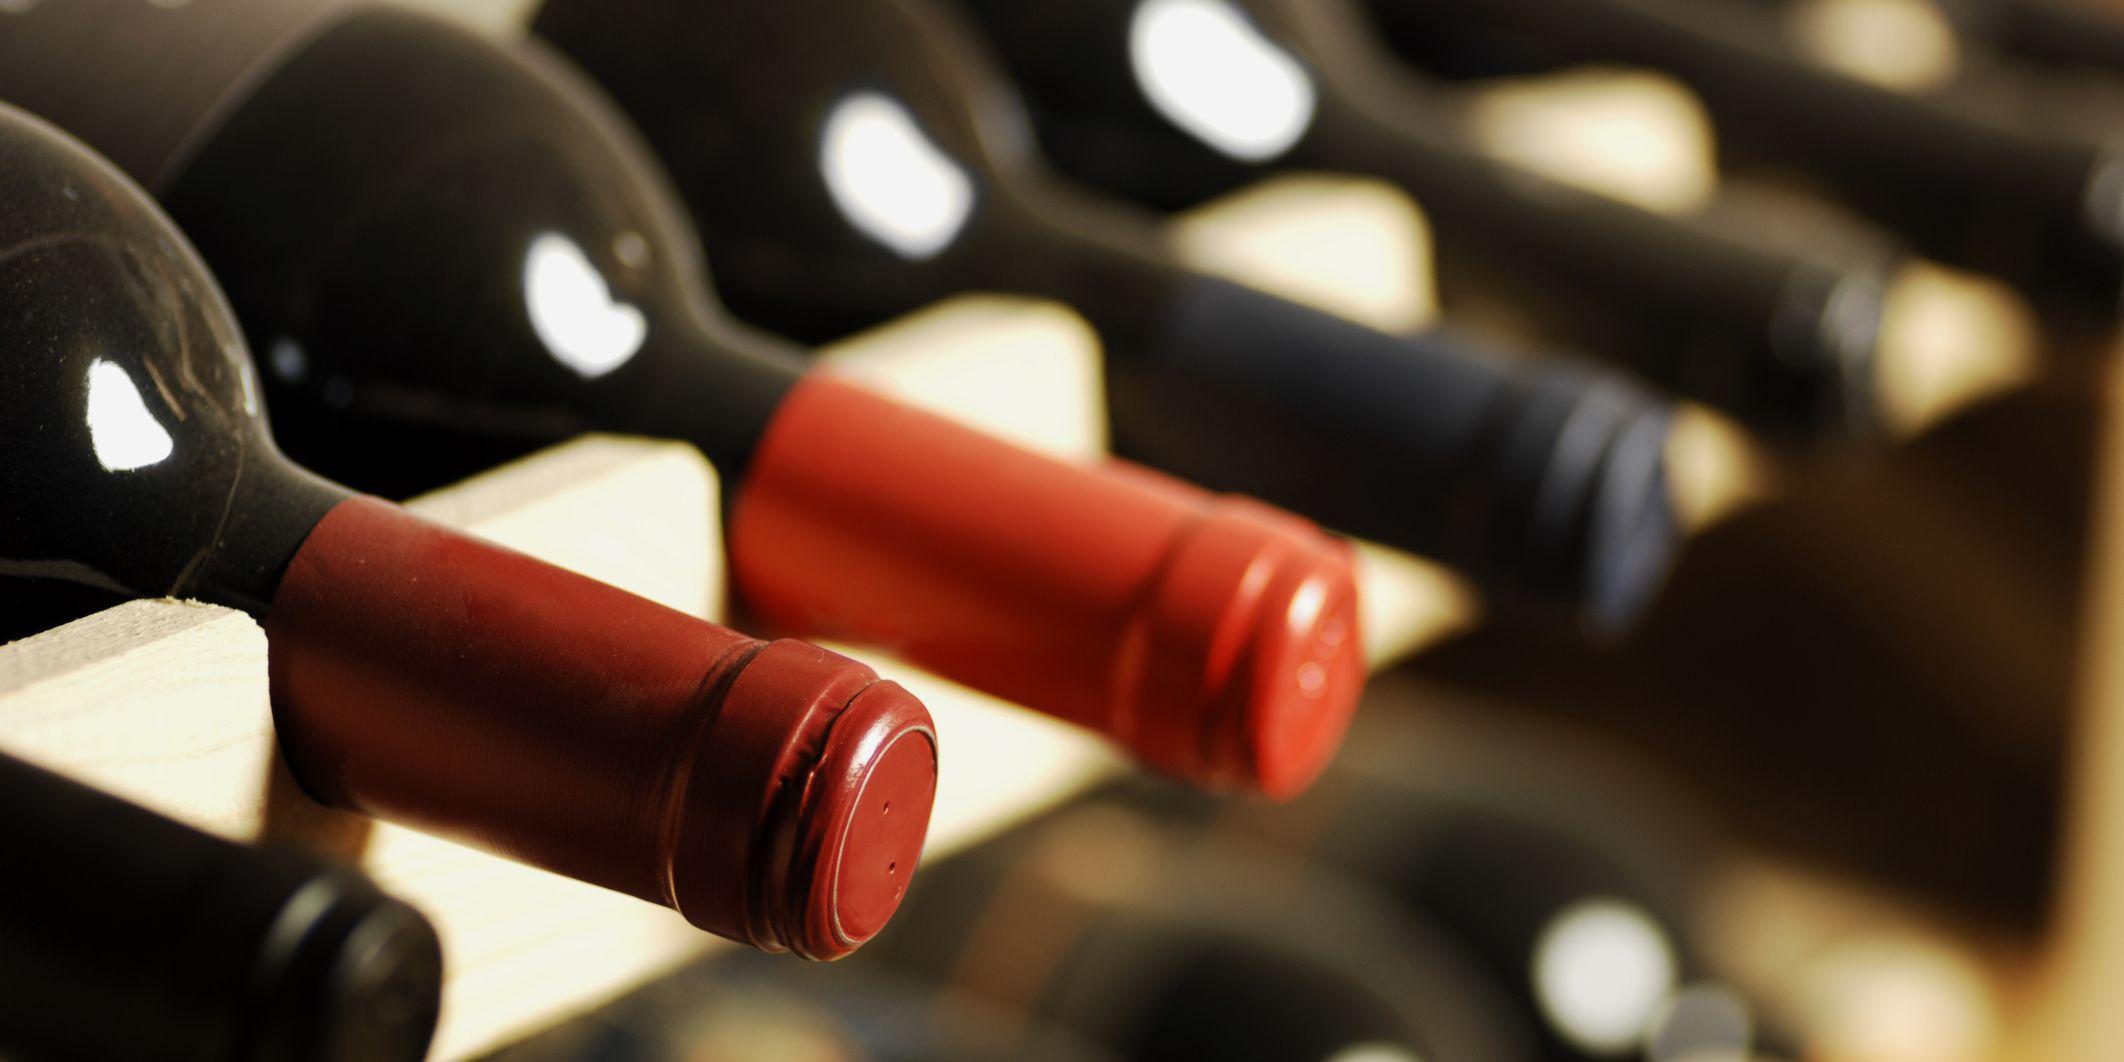 Wijnliefhebbers opgelet: deze wijnhouder wil je hebben